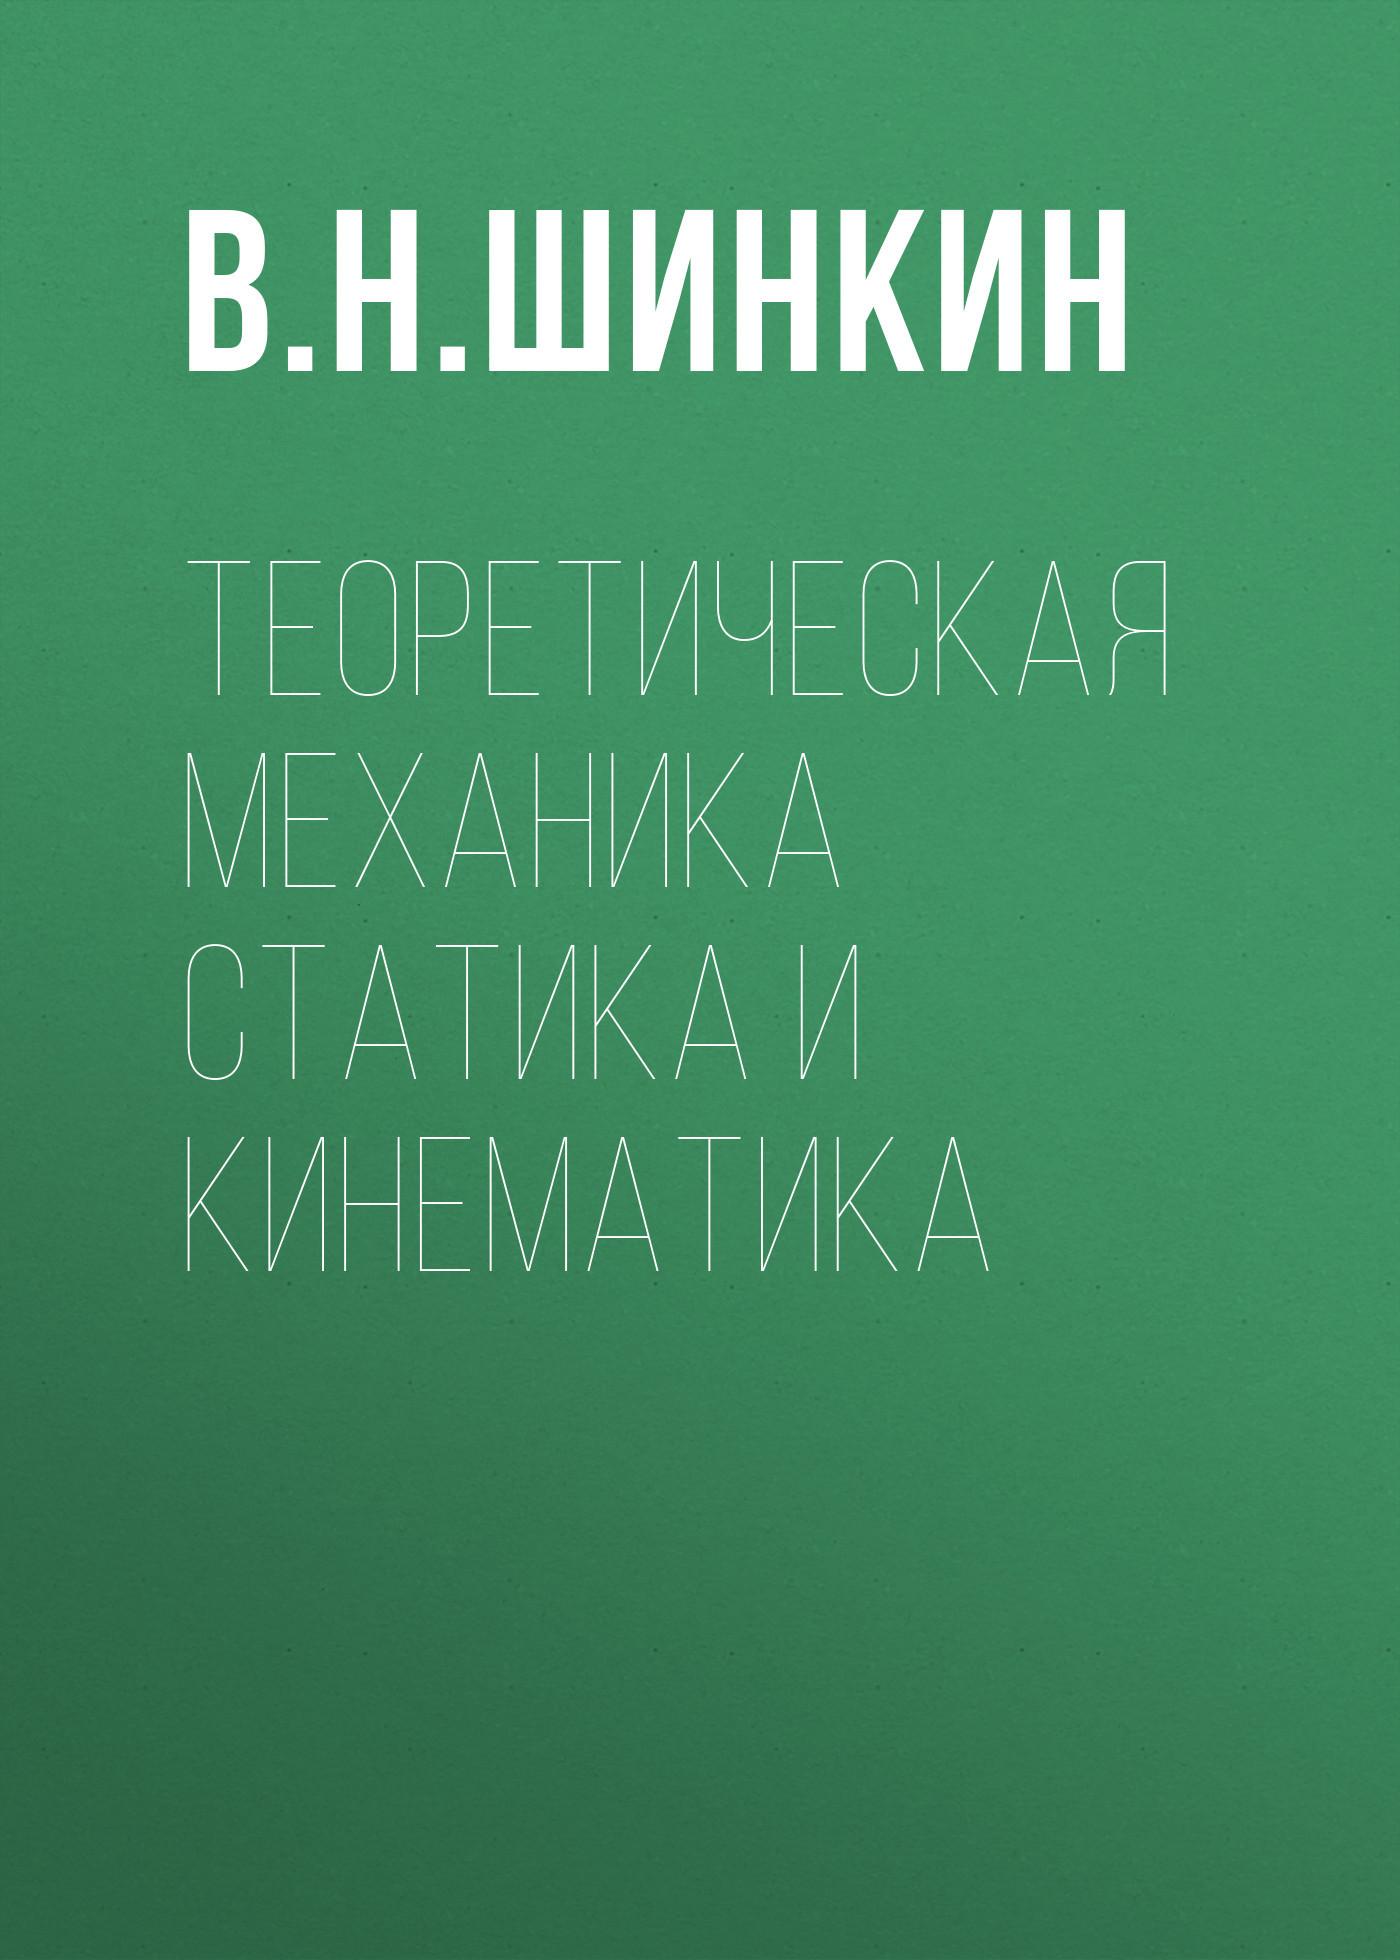 В. Н. Шинкин Теоретическая механика статика и кинематика